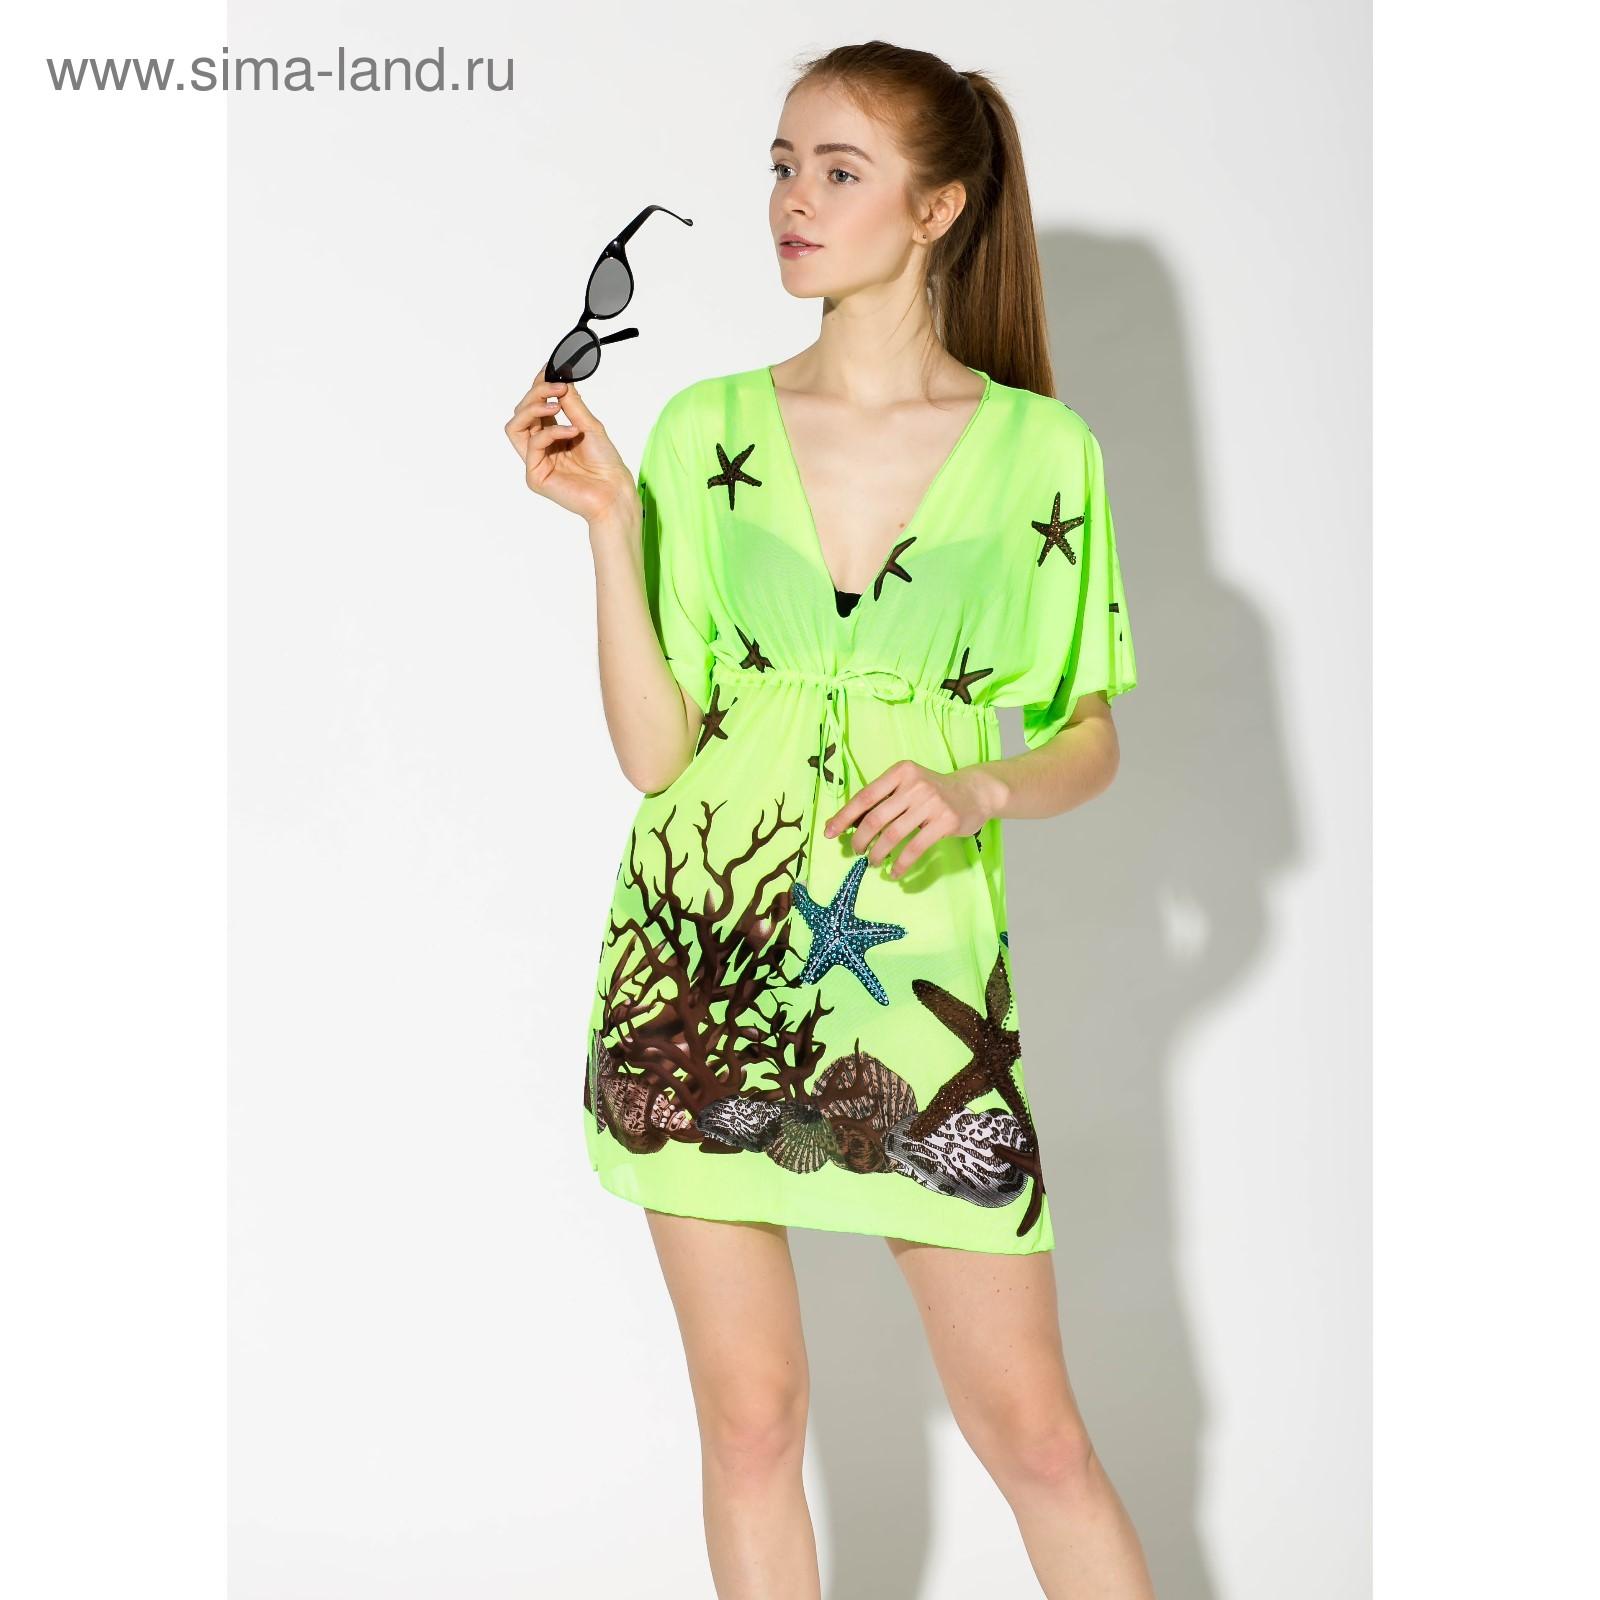 36382fca82a97 Туника женская 2367 цвет лимонный, р-р 44-46 (M) (3520648) - Купить ...